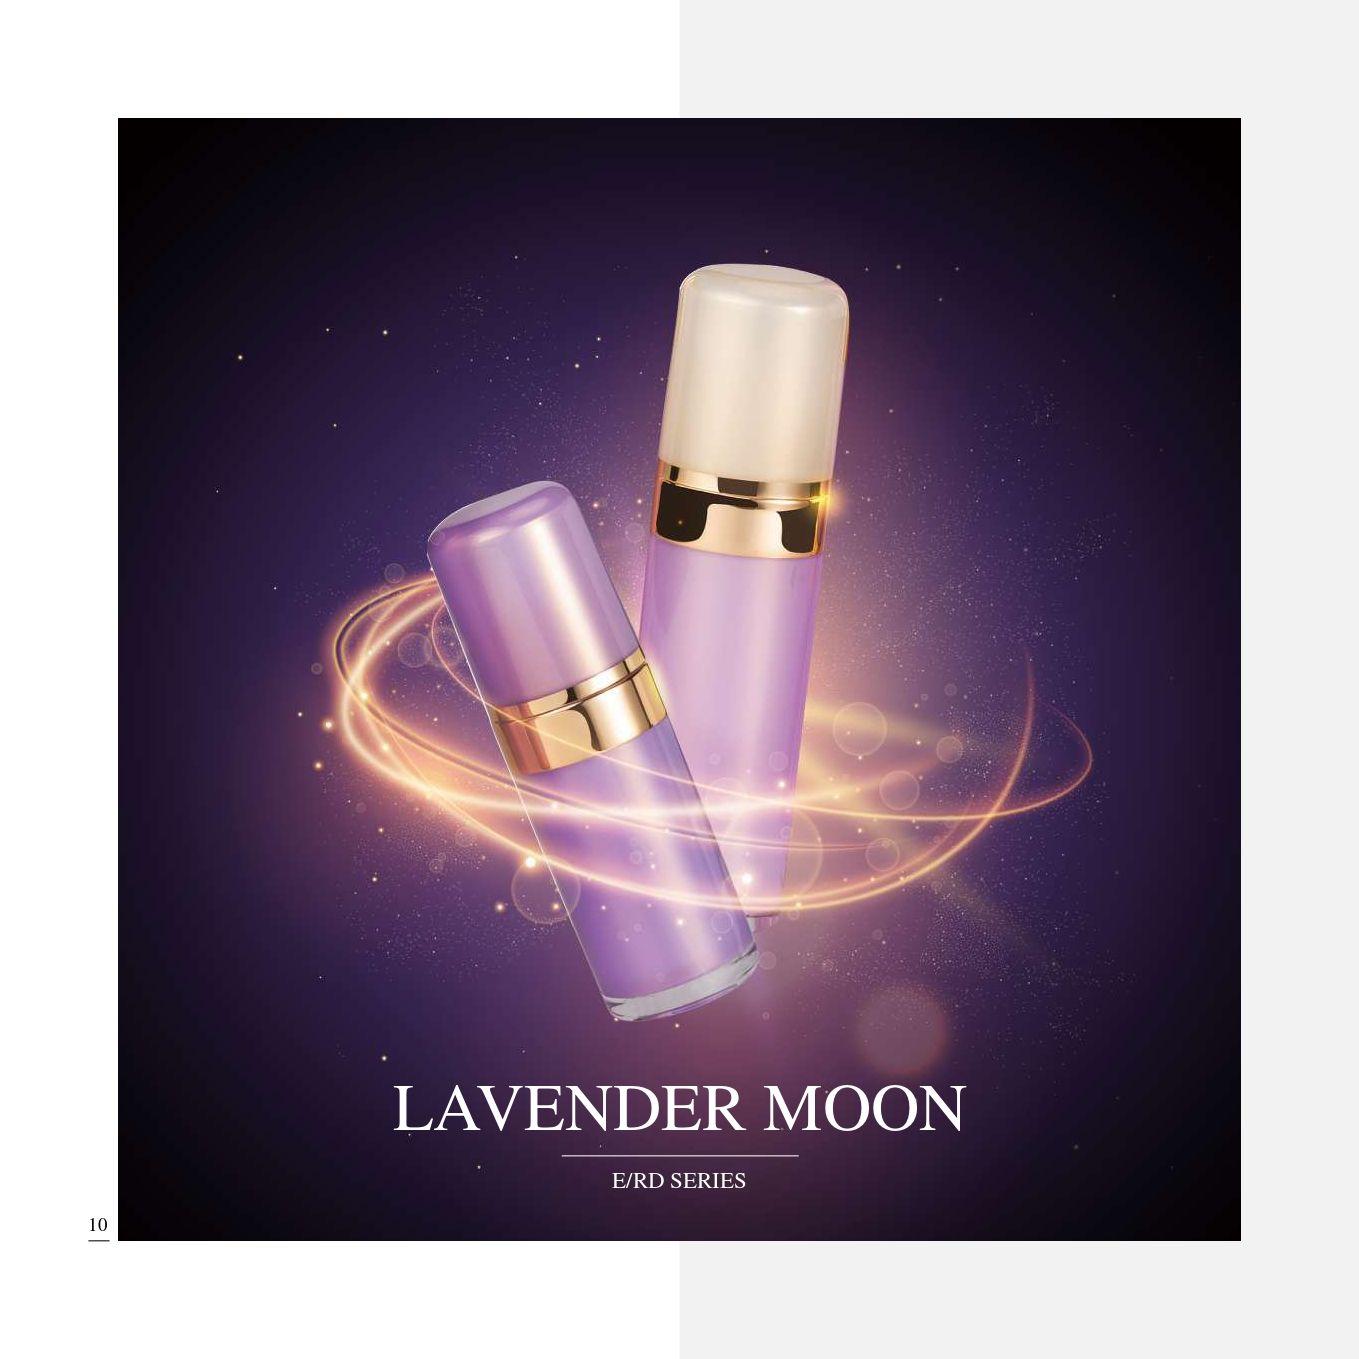 redondo Forma Acrílico Lujo Cosmético y Cuidado de la Piel Envase - Serie Lavanda Luna - Cosmético Envase Colección - Lavender Moon